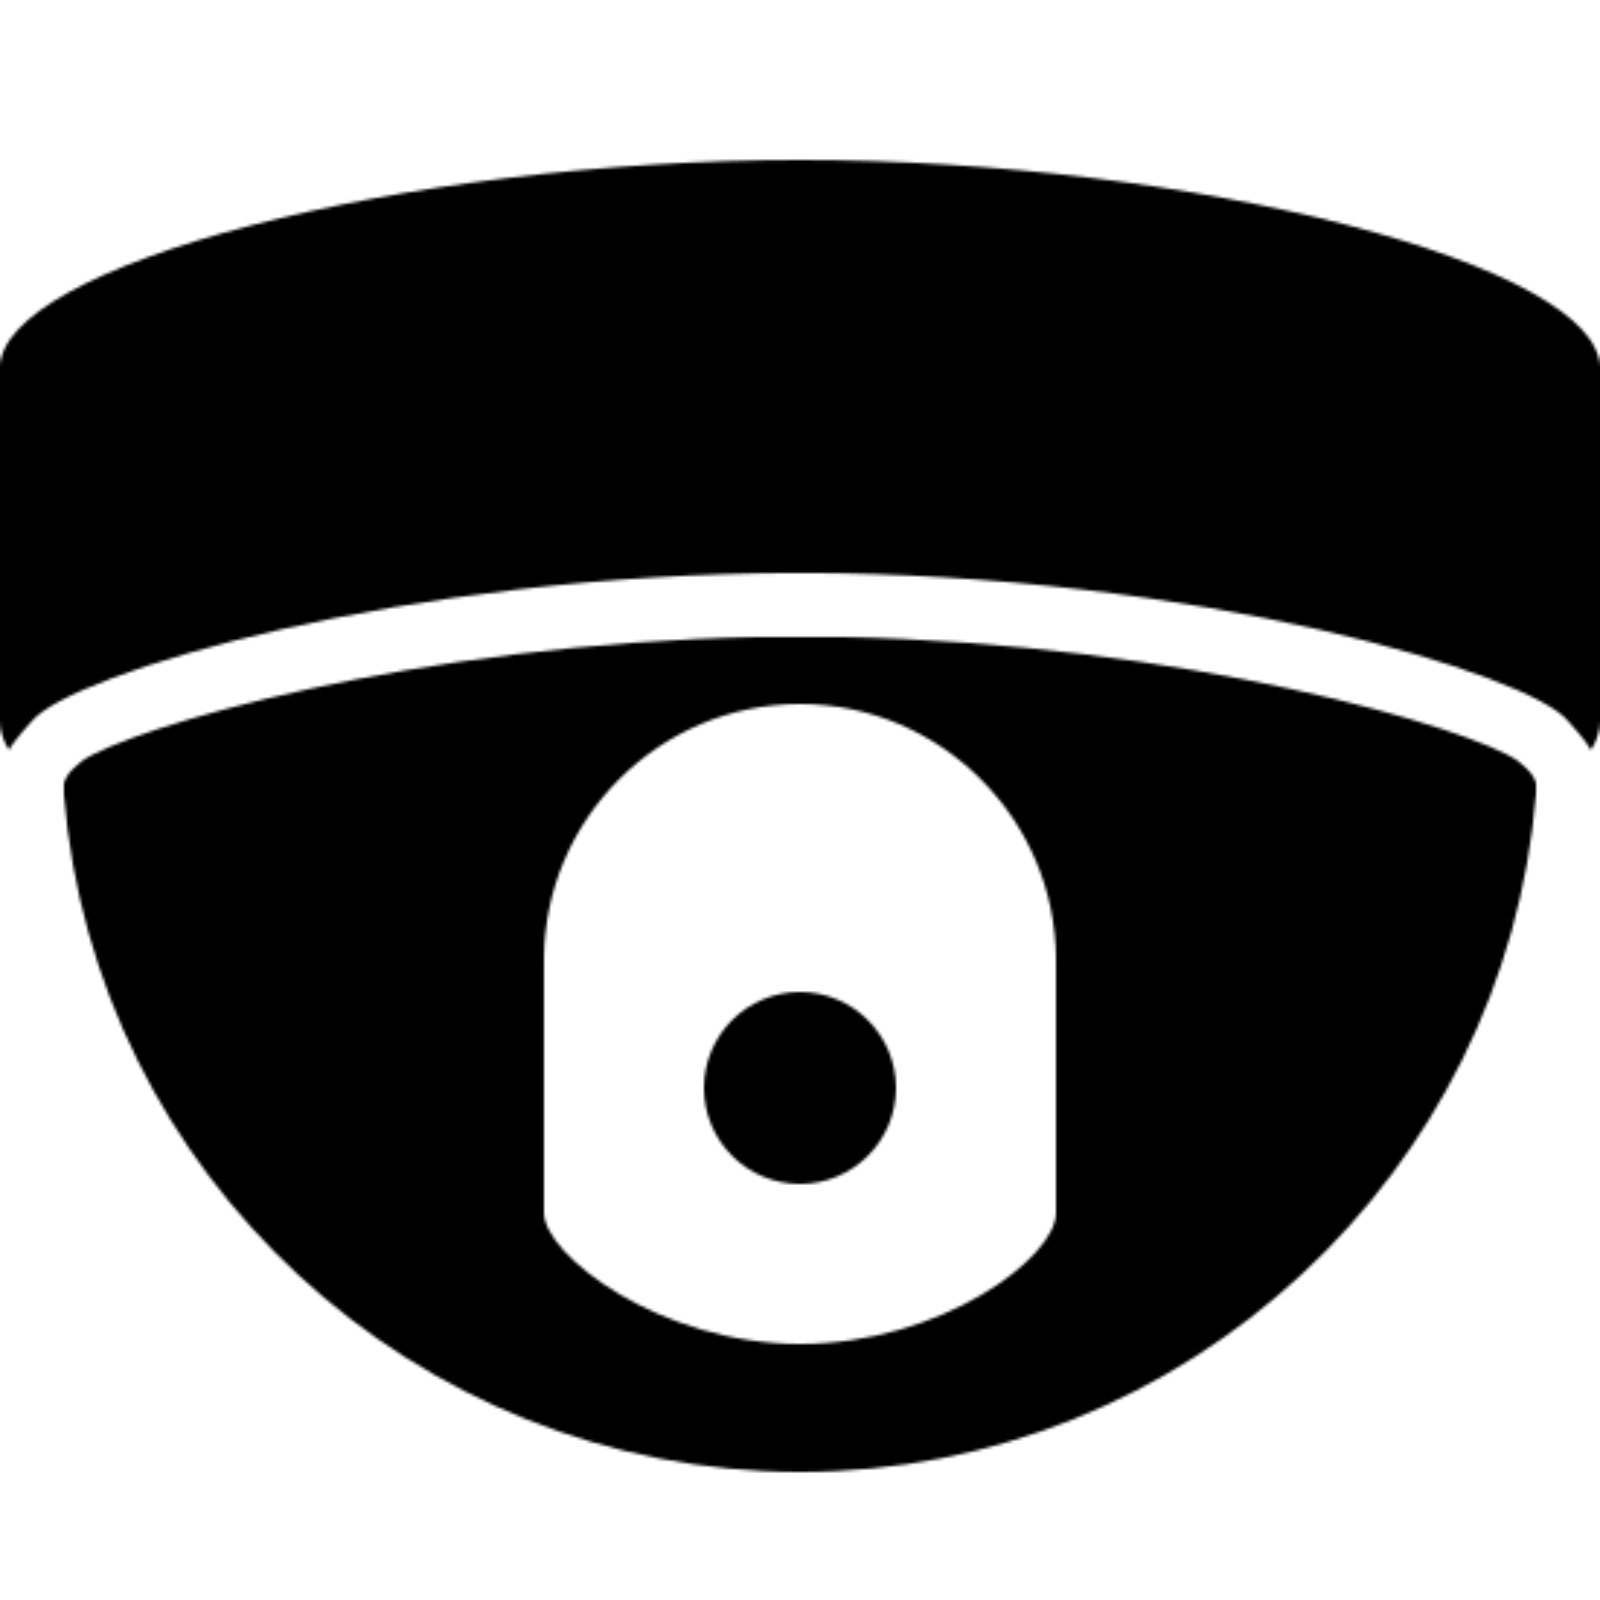 ドーム型カメラ icon. A dome camera is an object that is the bottom half of a half circle, and attached to it is a base but the base is on the top instead of the bottom. Inside the half circle or dome there is a camera attached to it.